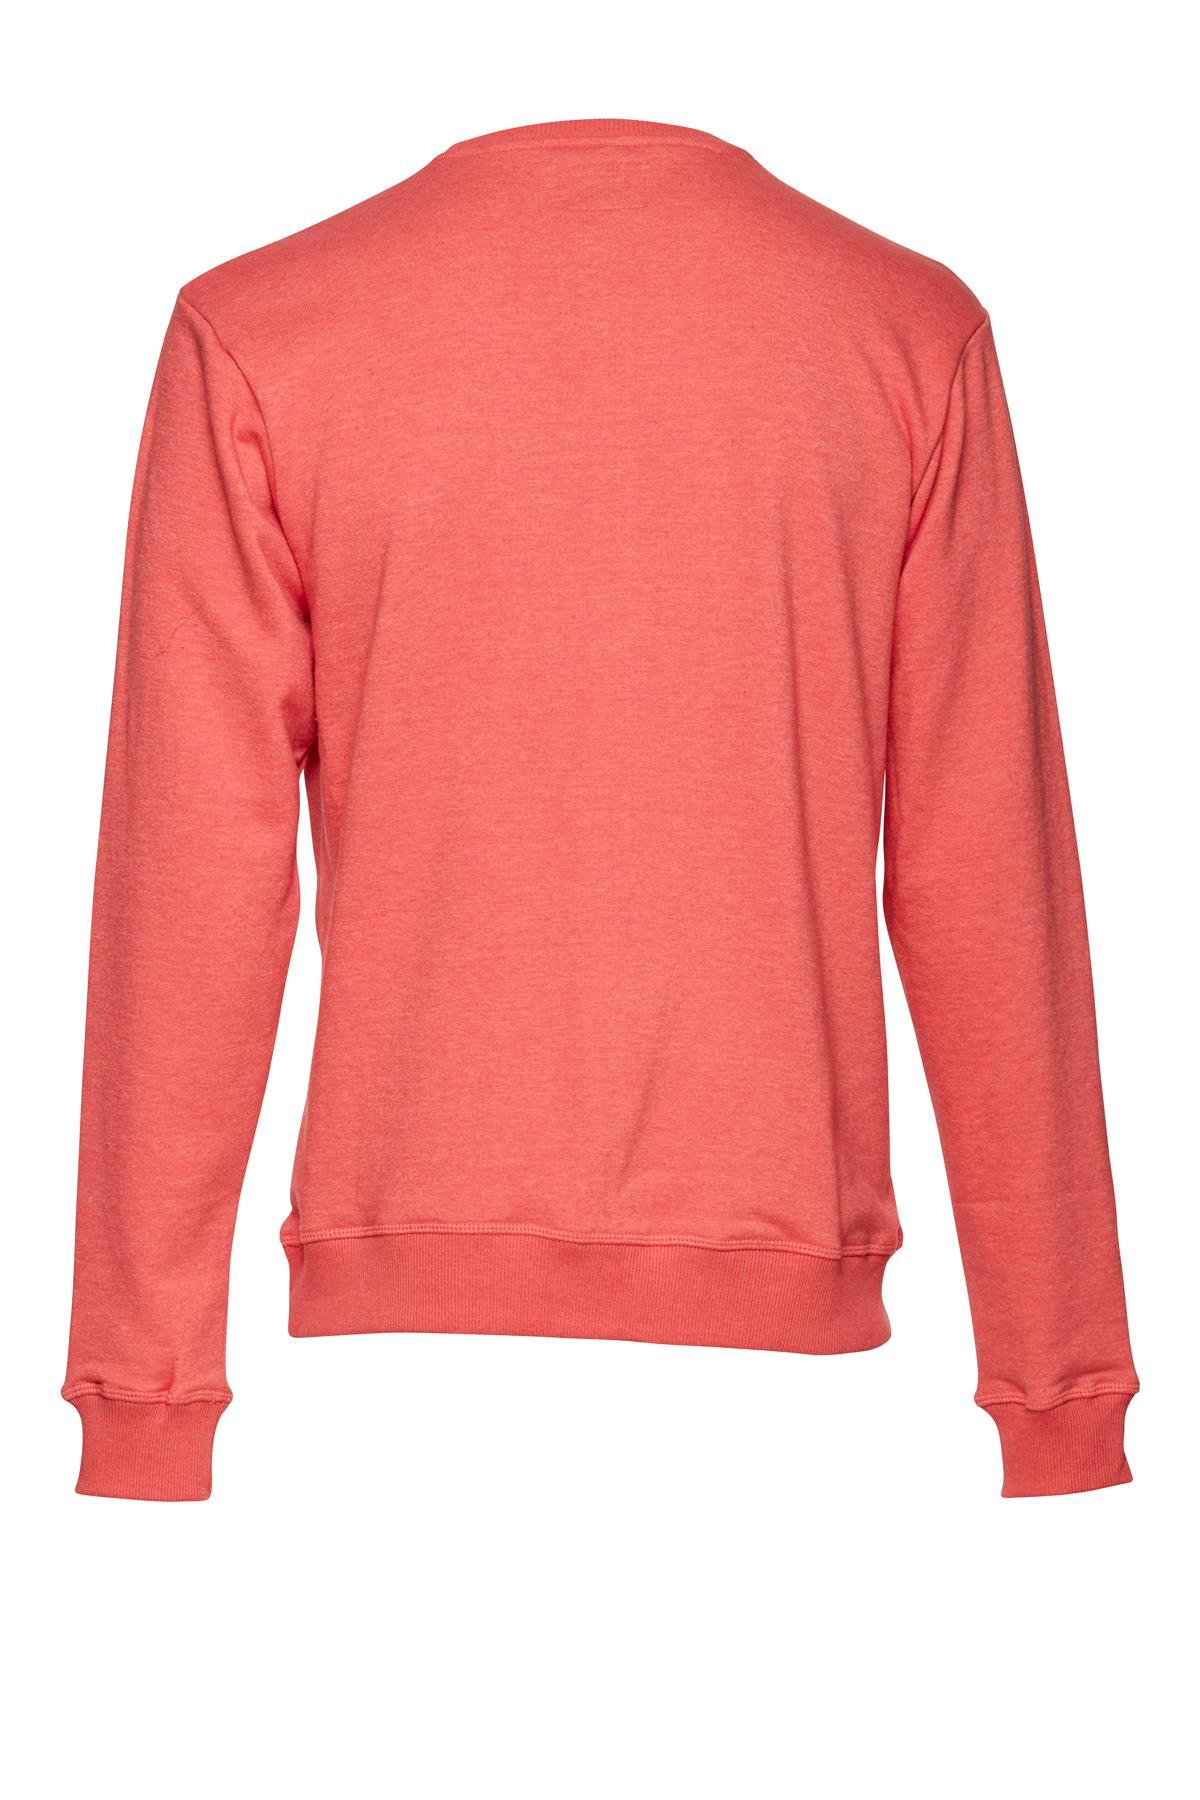 Koralrød Sweatshirt – Køb Koralrød Sweatshirt fra str. S-XL her